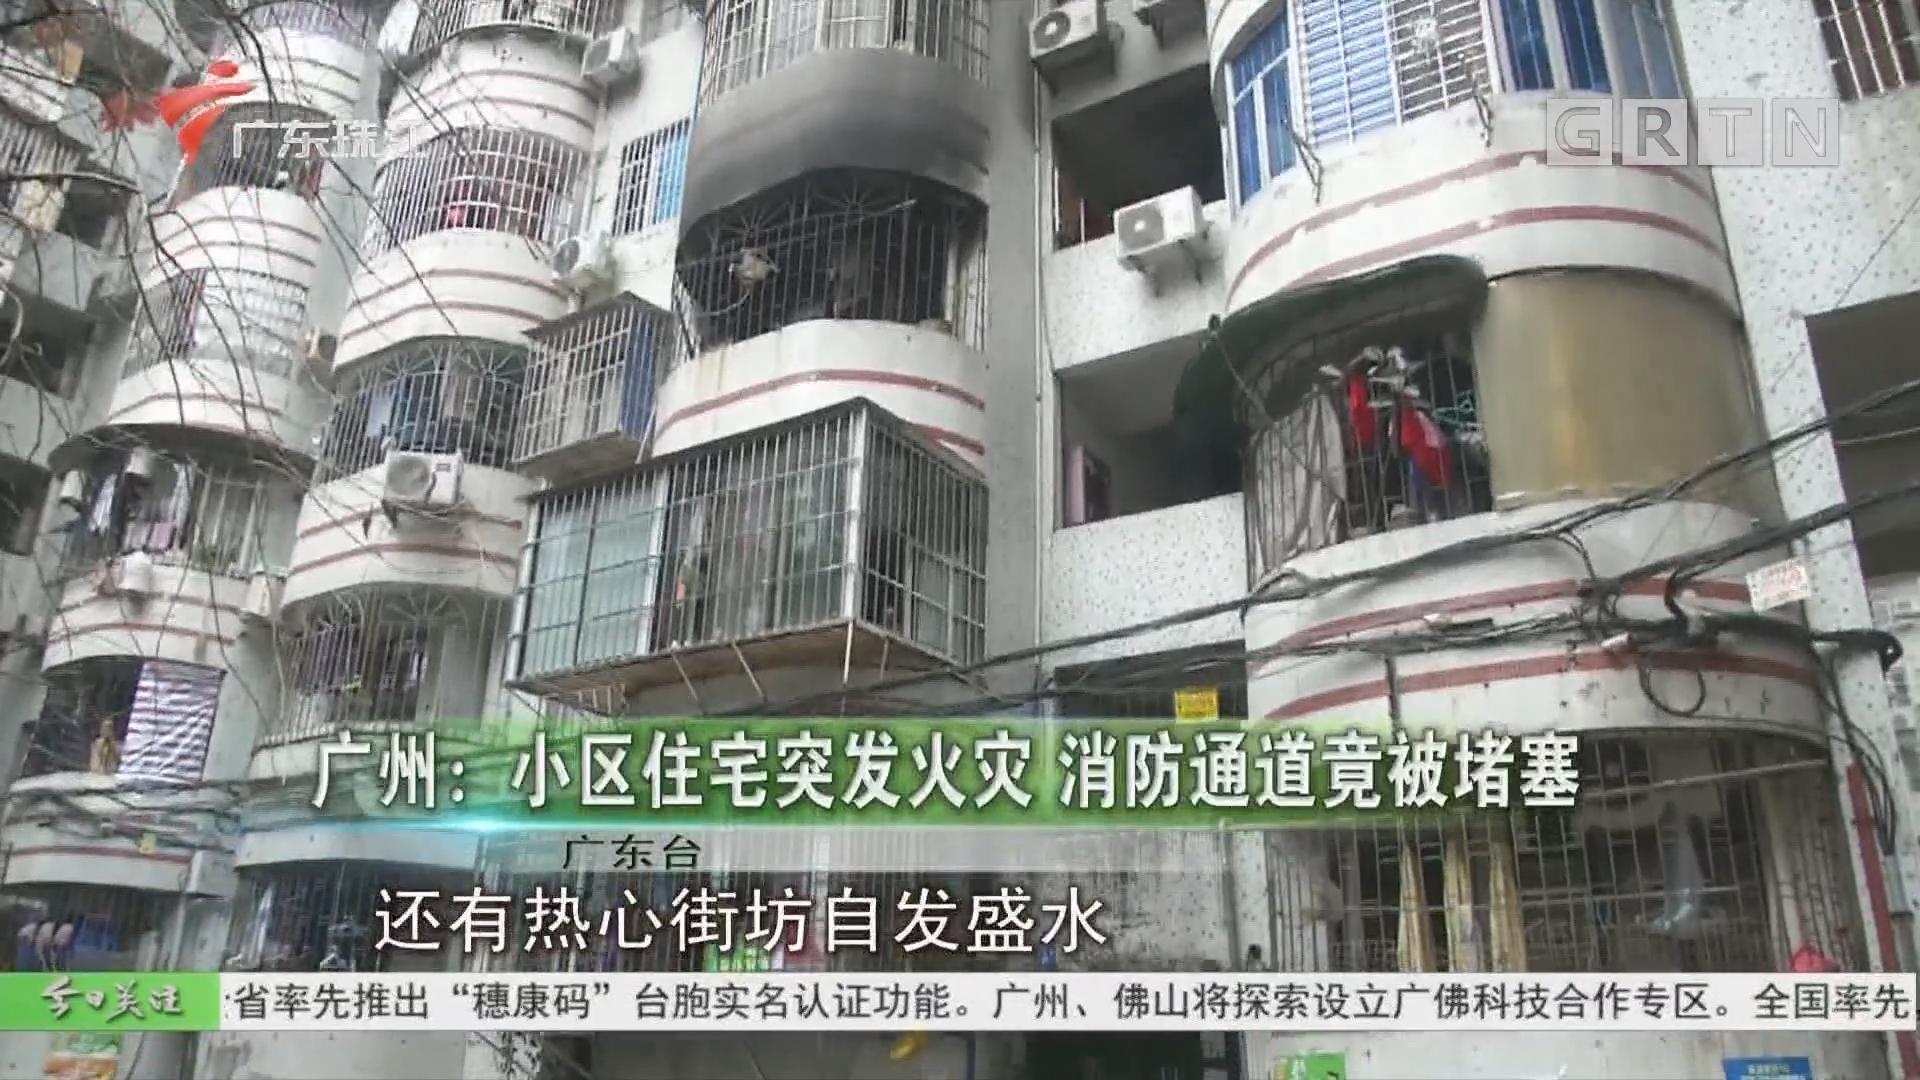 广州:小区住宅突发火灾 消防通道竟被堵塞